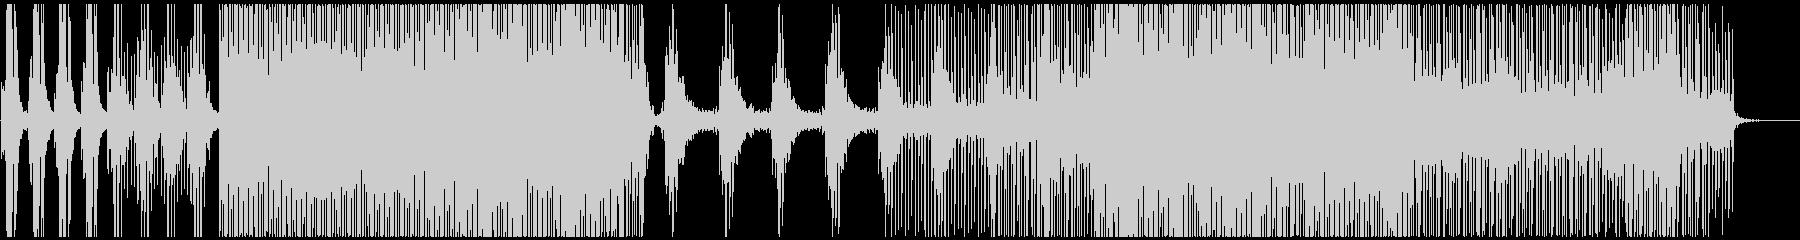 切なくピアノが響くプログレッシブハウスの未再生の波形